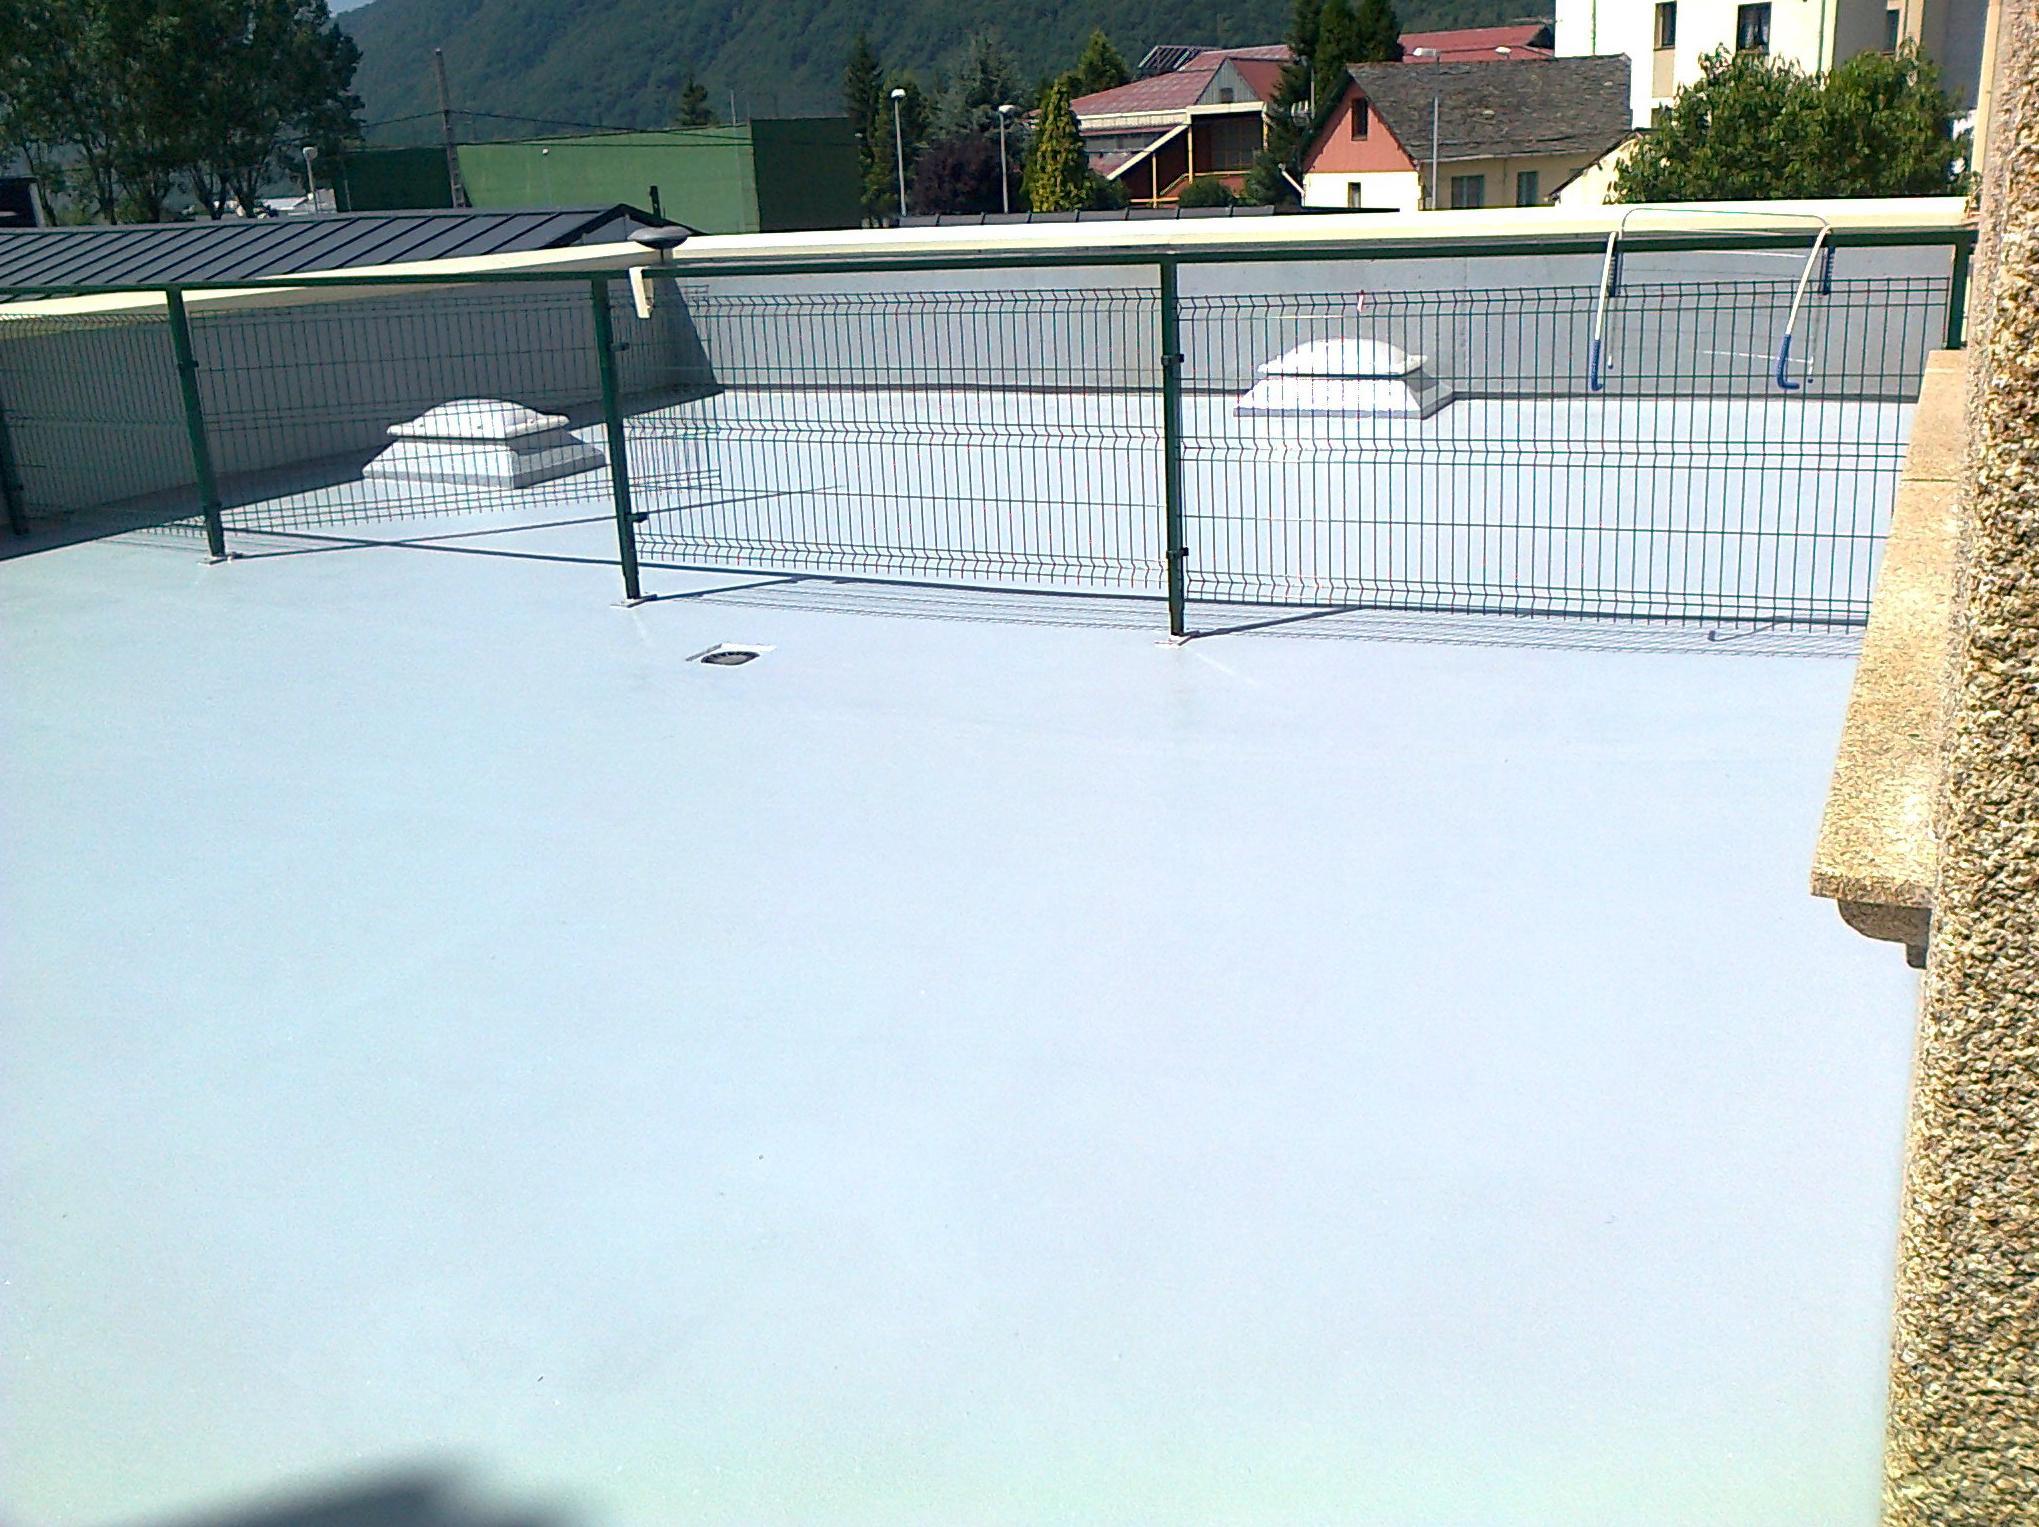 Impermeabilizacion de terraza mediante sistema propio sin necesidad de obra de albañileria